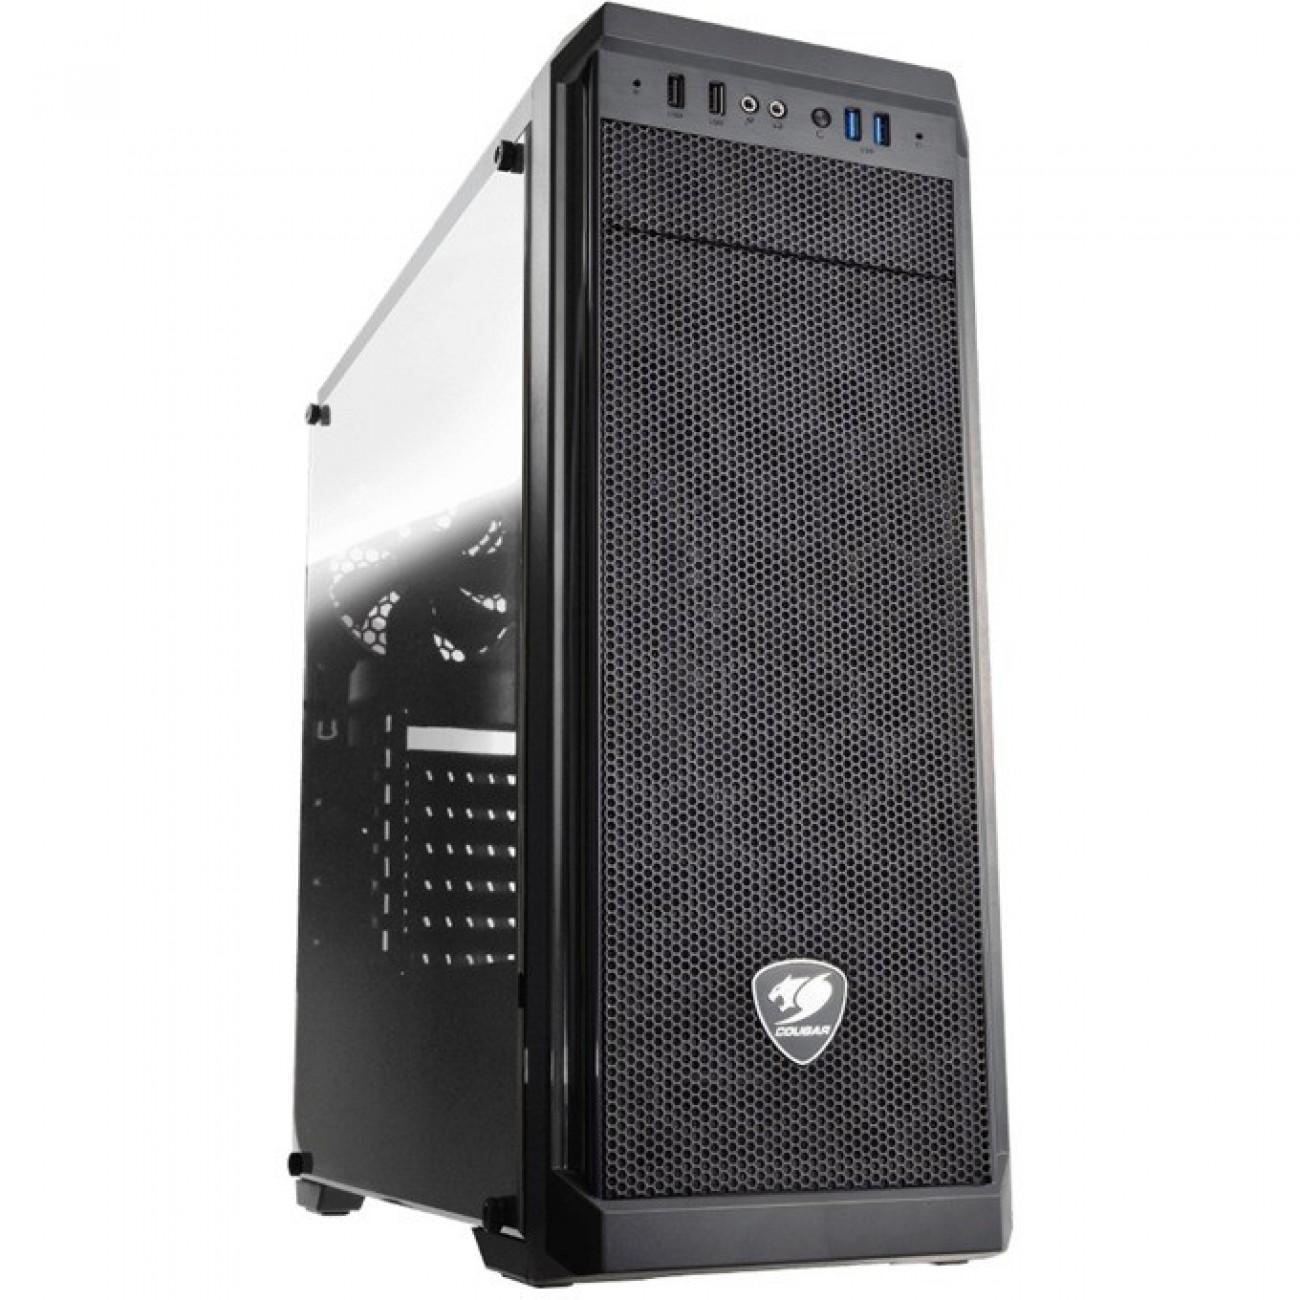 ATX/mATX/miniITX Cougar Gaming MX330, 2x USB 3.0, страничен прозорец, черна, без захранване в Компютърни кутии - Cougar Gaming   Alleop